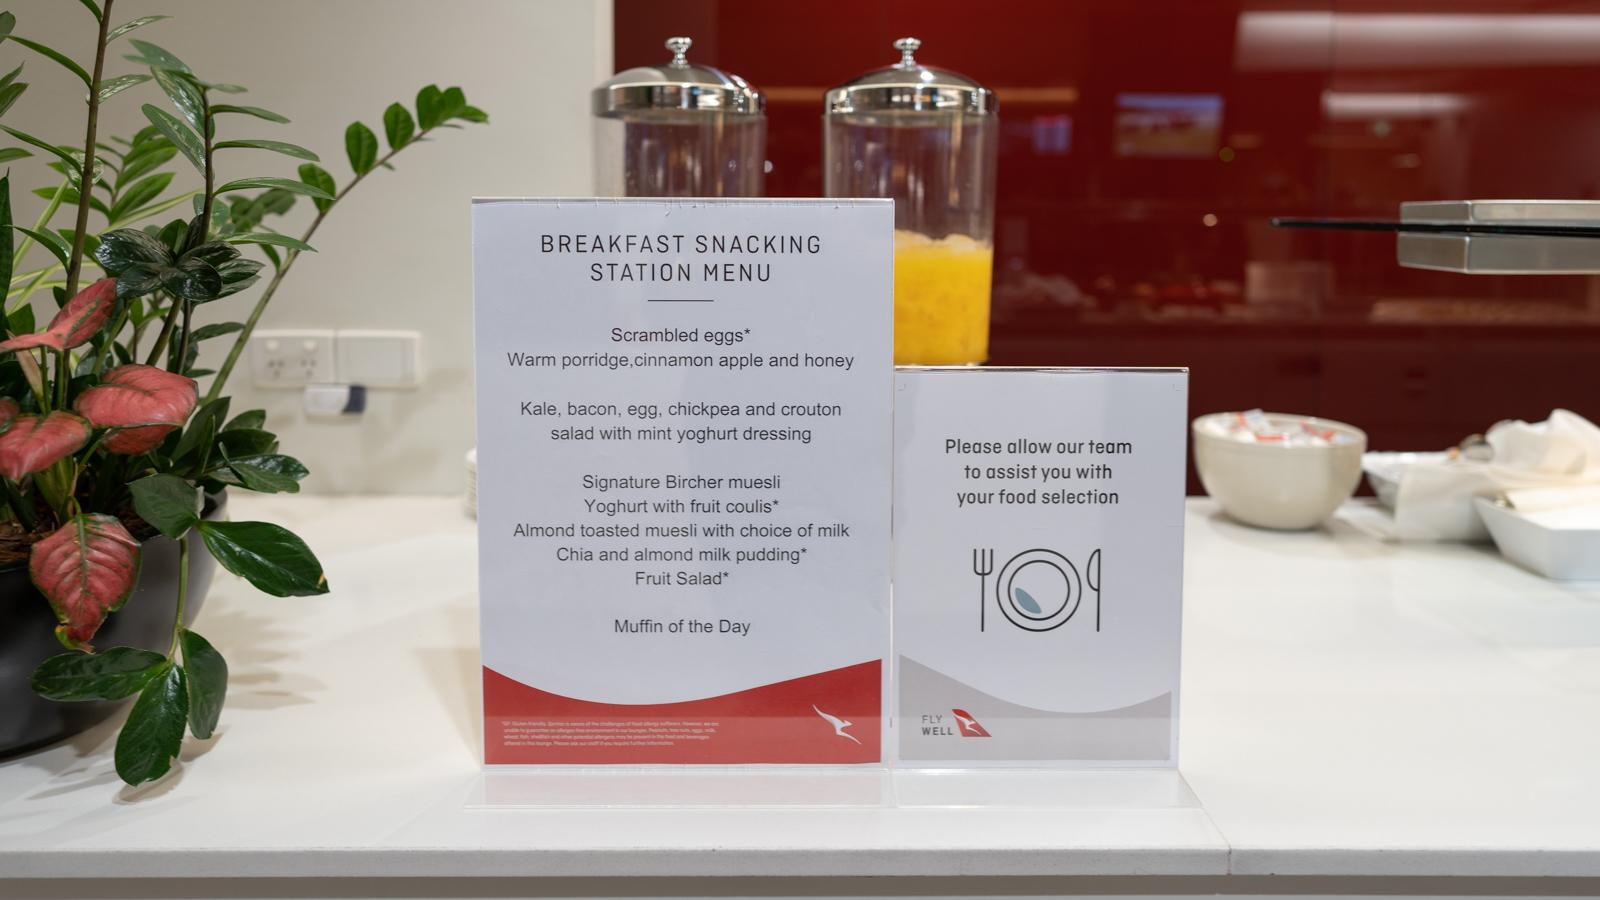 Qantas Club Adelaide breakfast menu